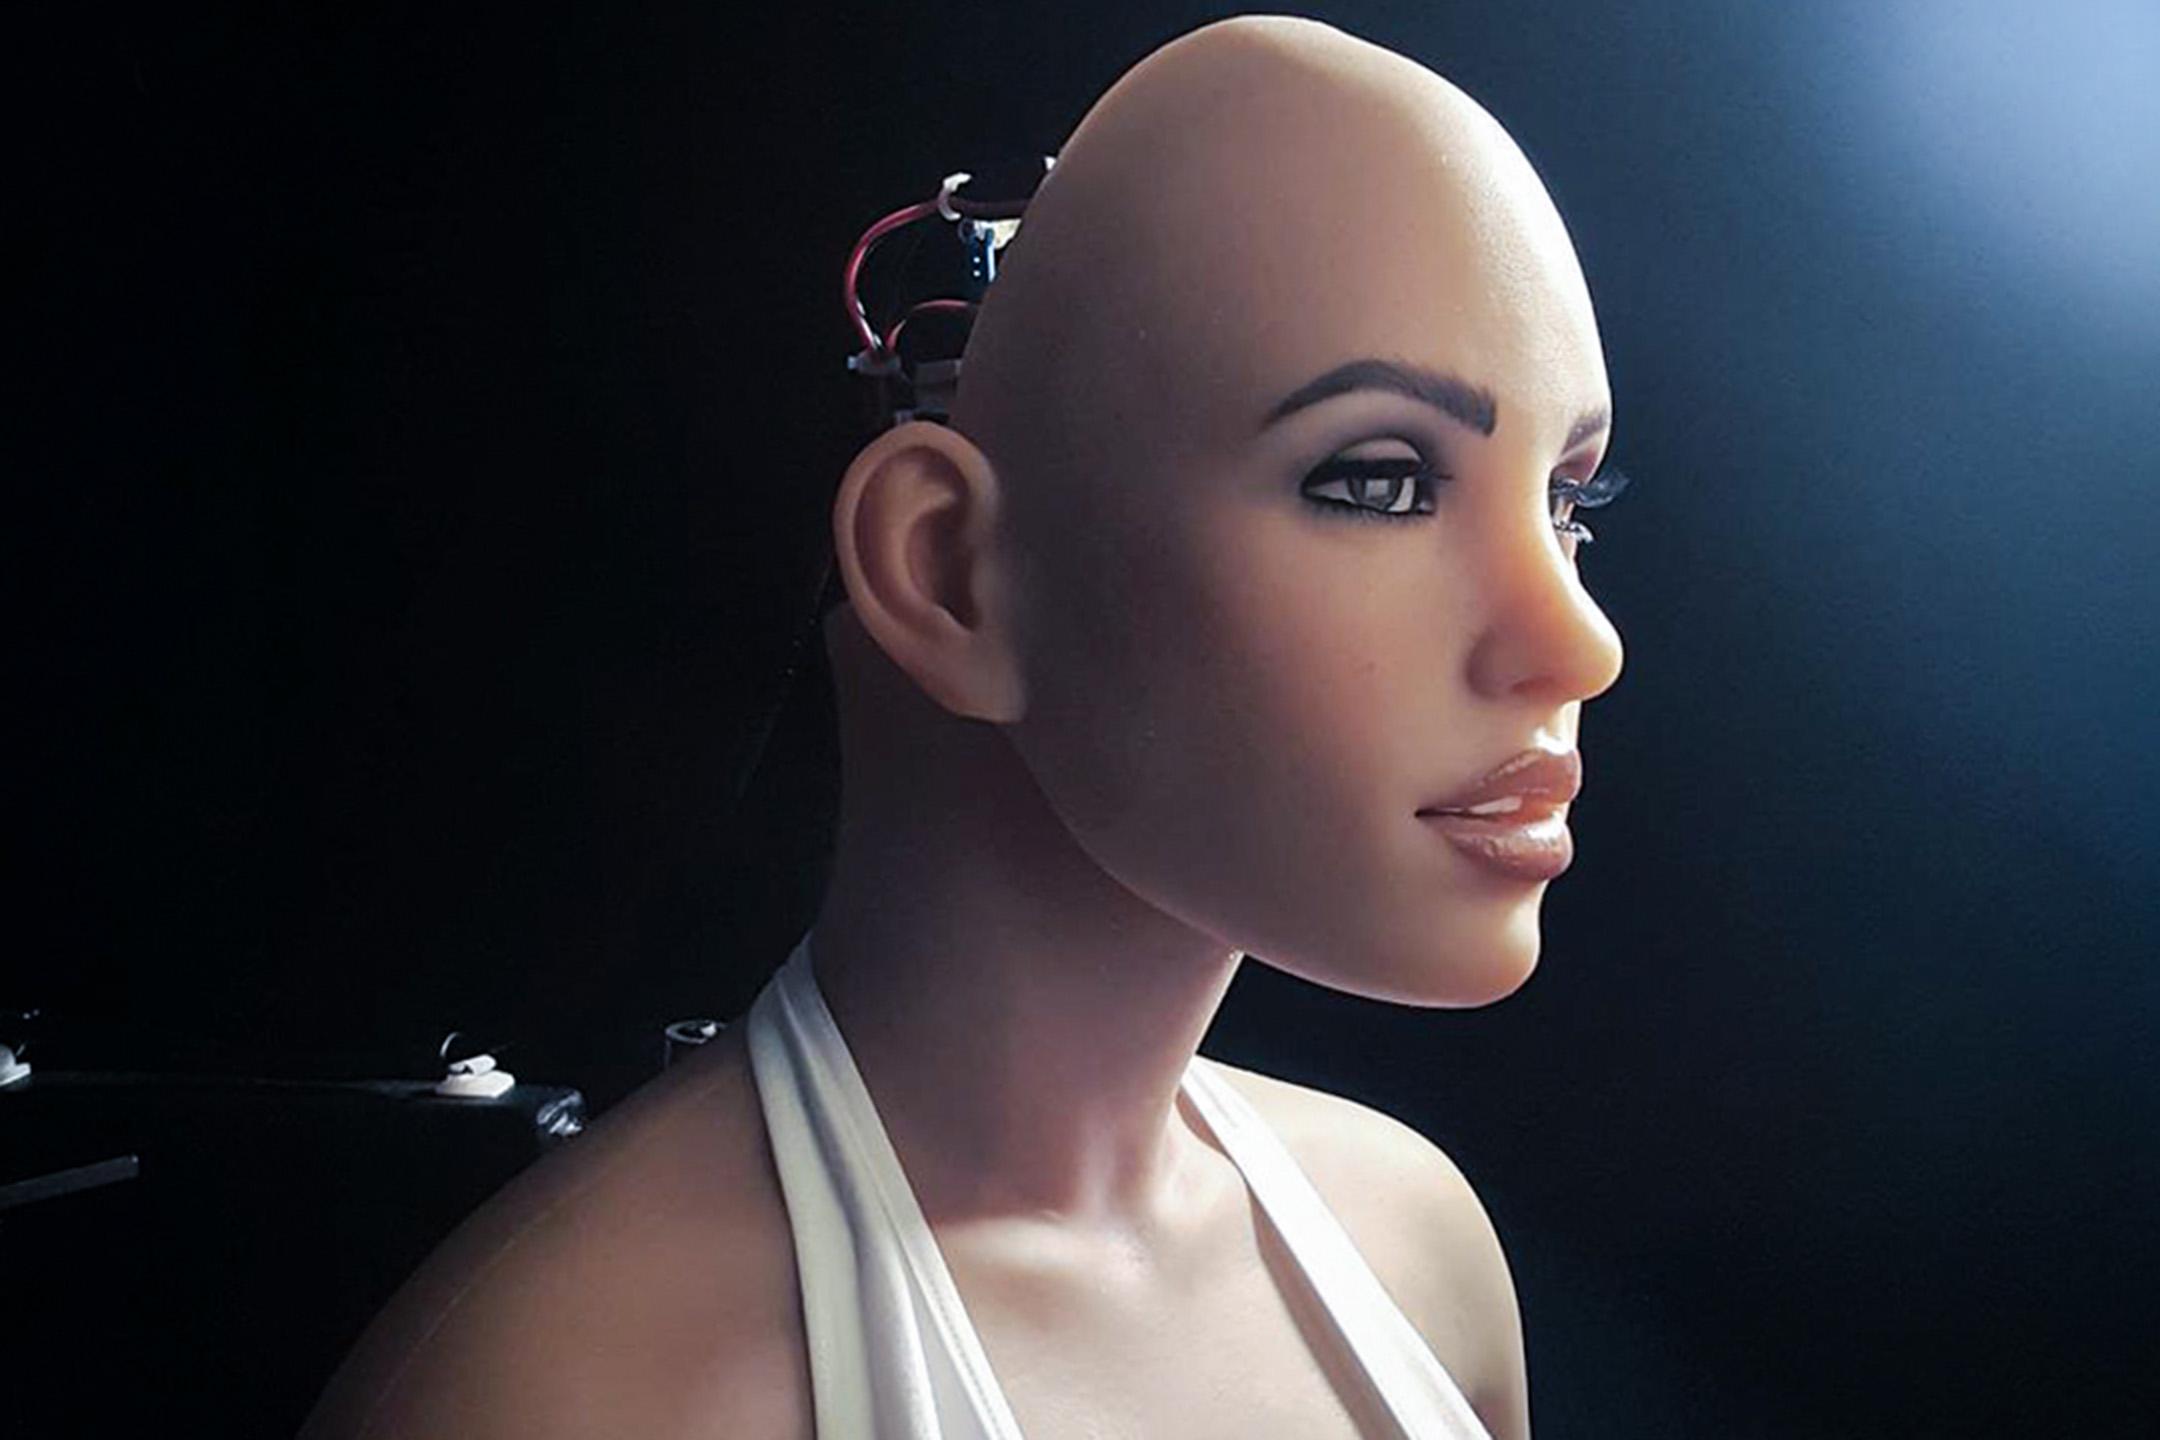 """這位女子名叫「哈莫尼」(Harmony),她是美國加州公司""""深淵創造""""(Abyss Creations)的第一款「性愛機器人」(Sex Robot)。  圖:Abyssrealdoll Instagram"""